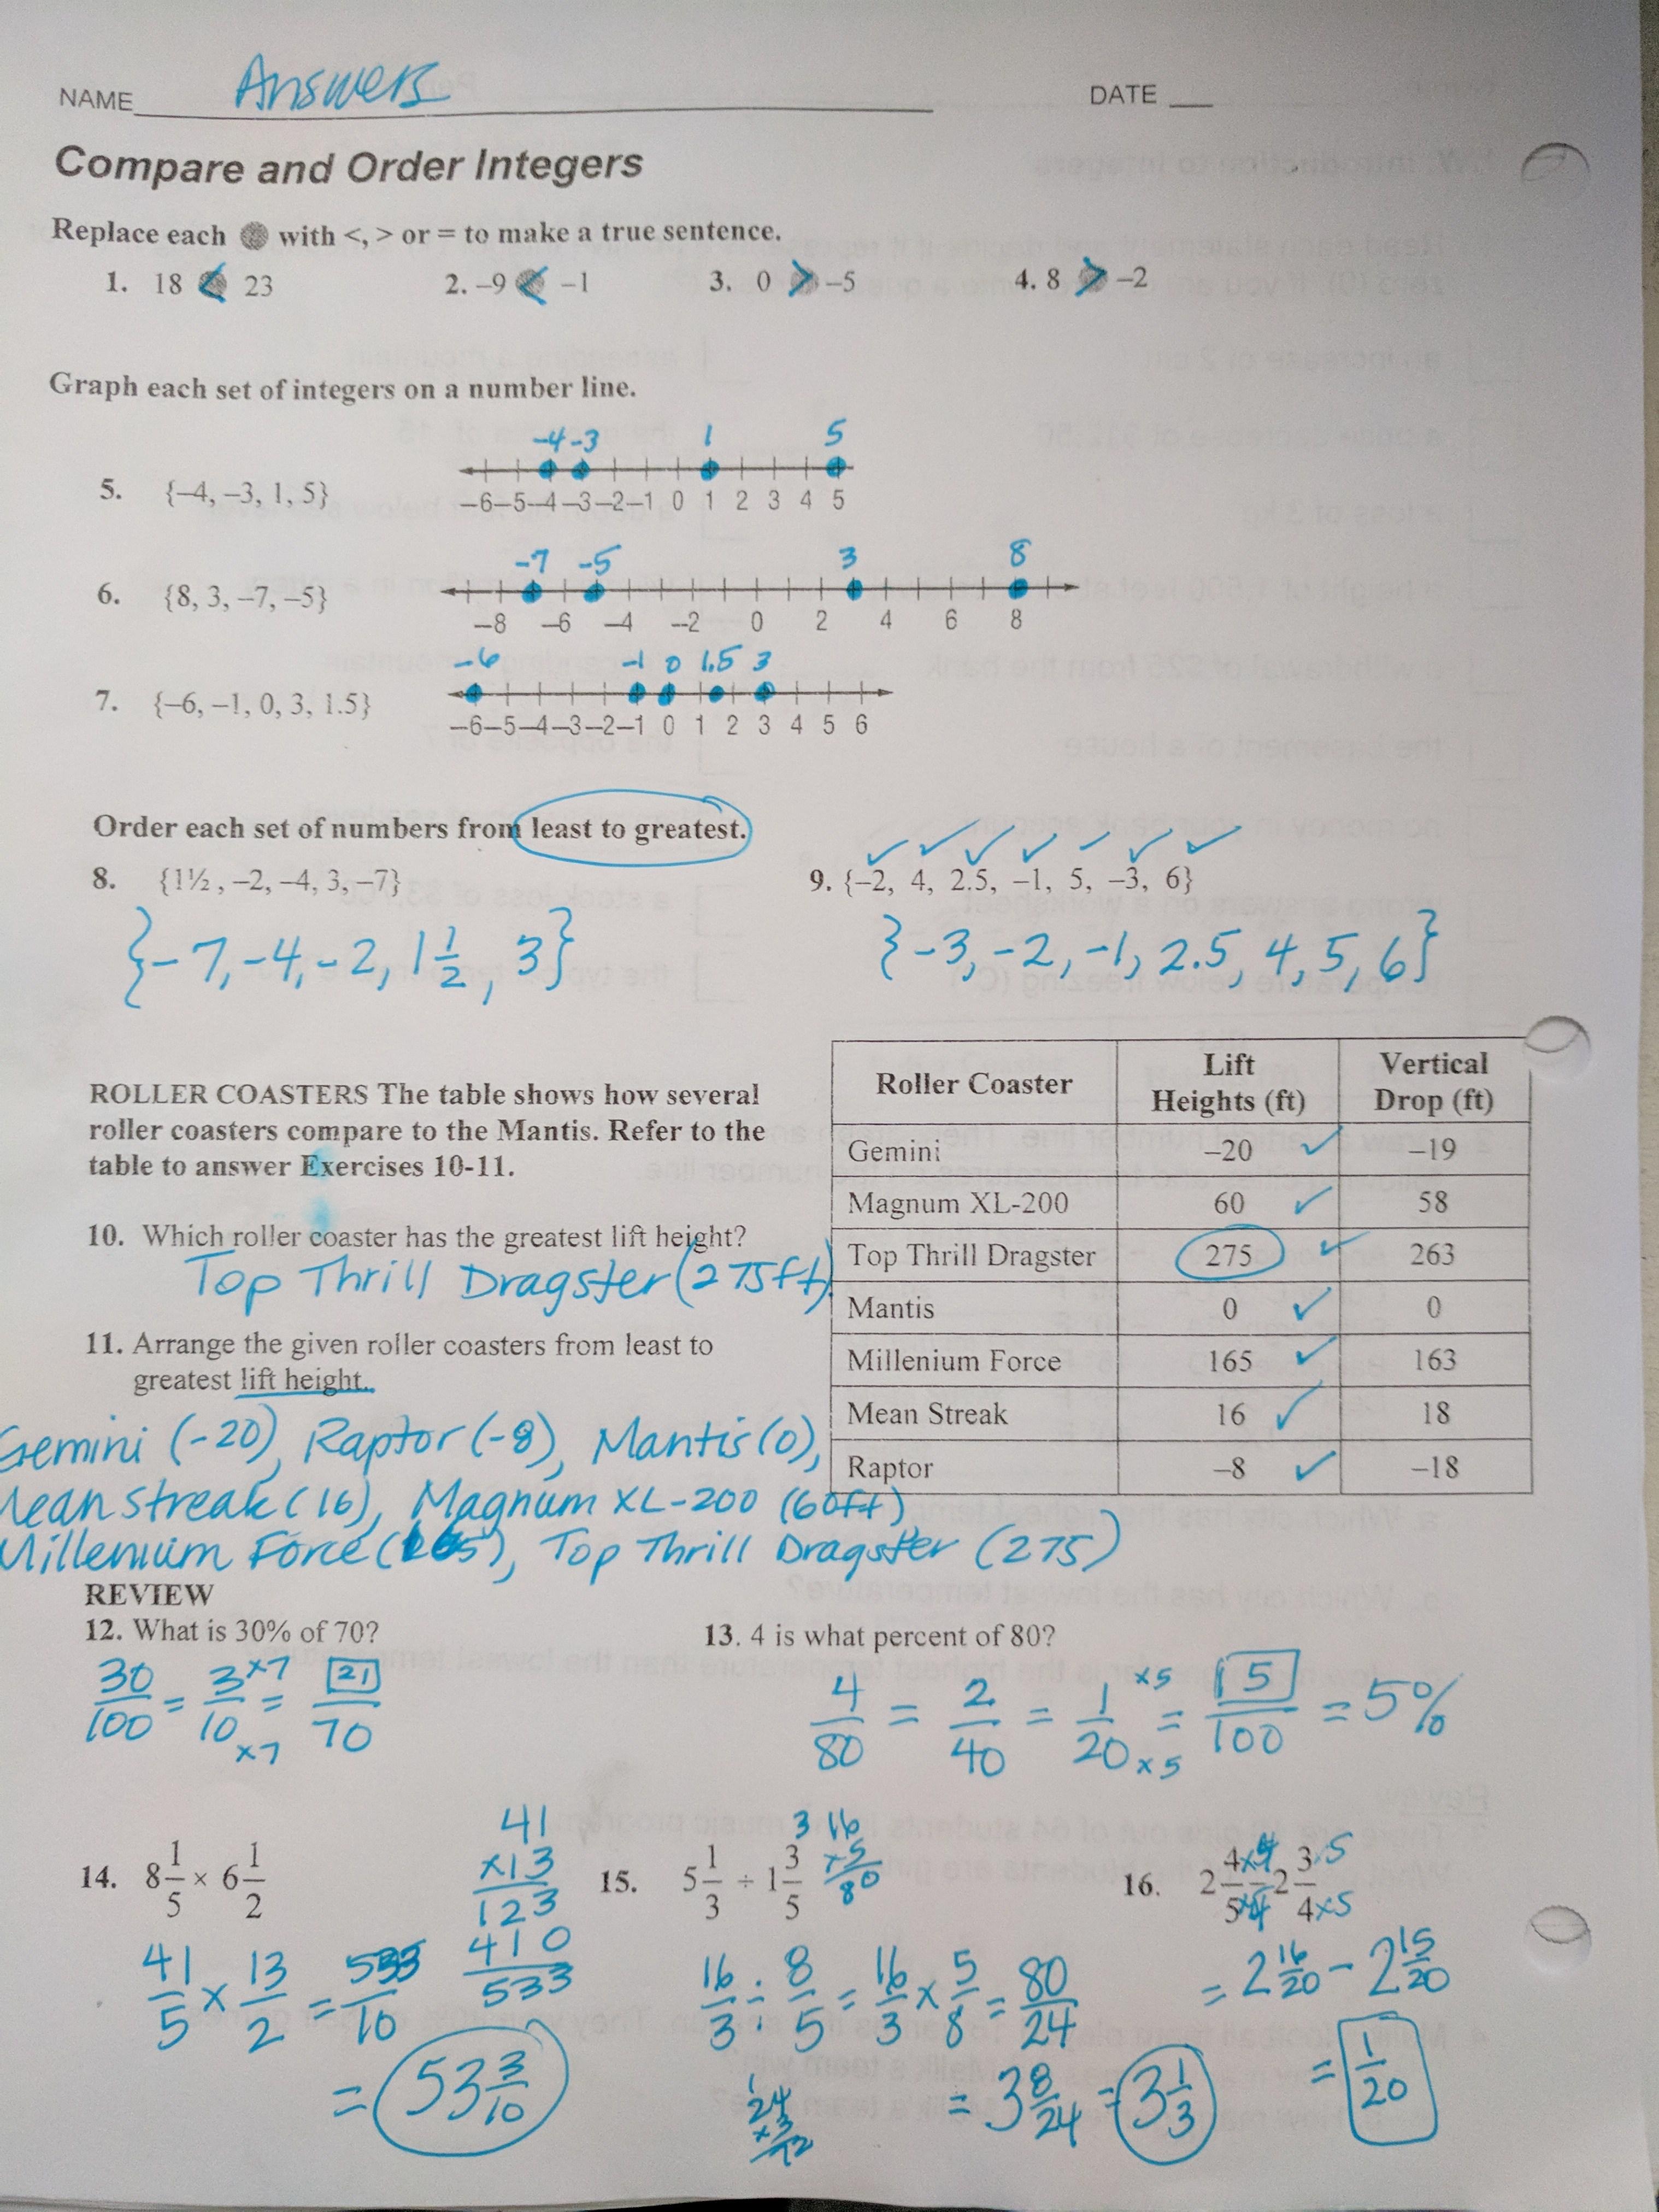 Exelent Xlmath Com Motif - Math Worksheets - modopol.com